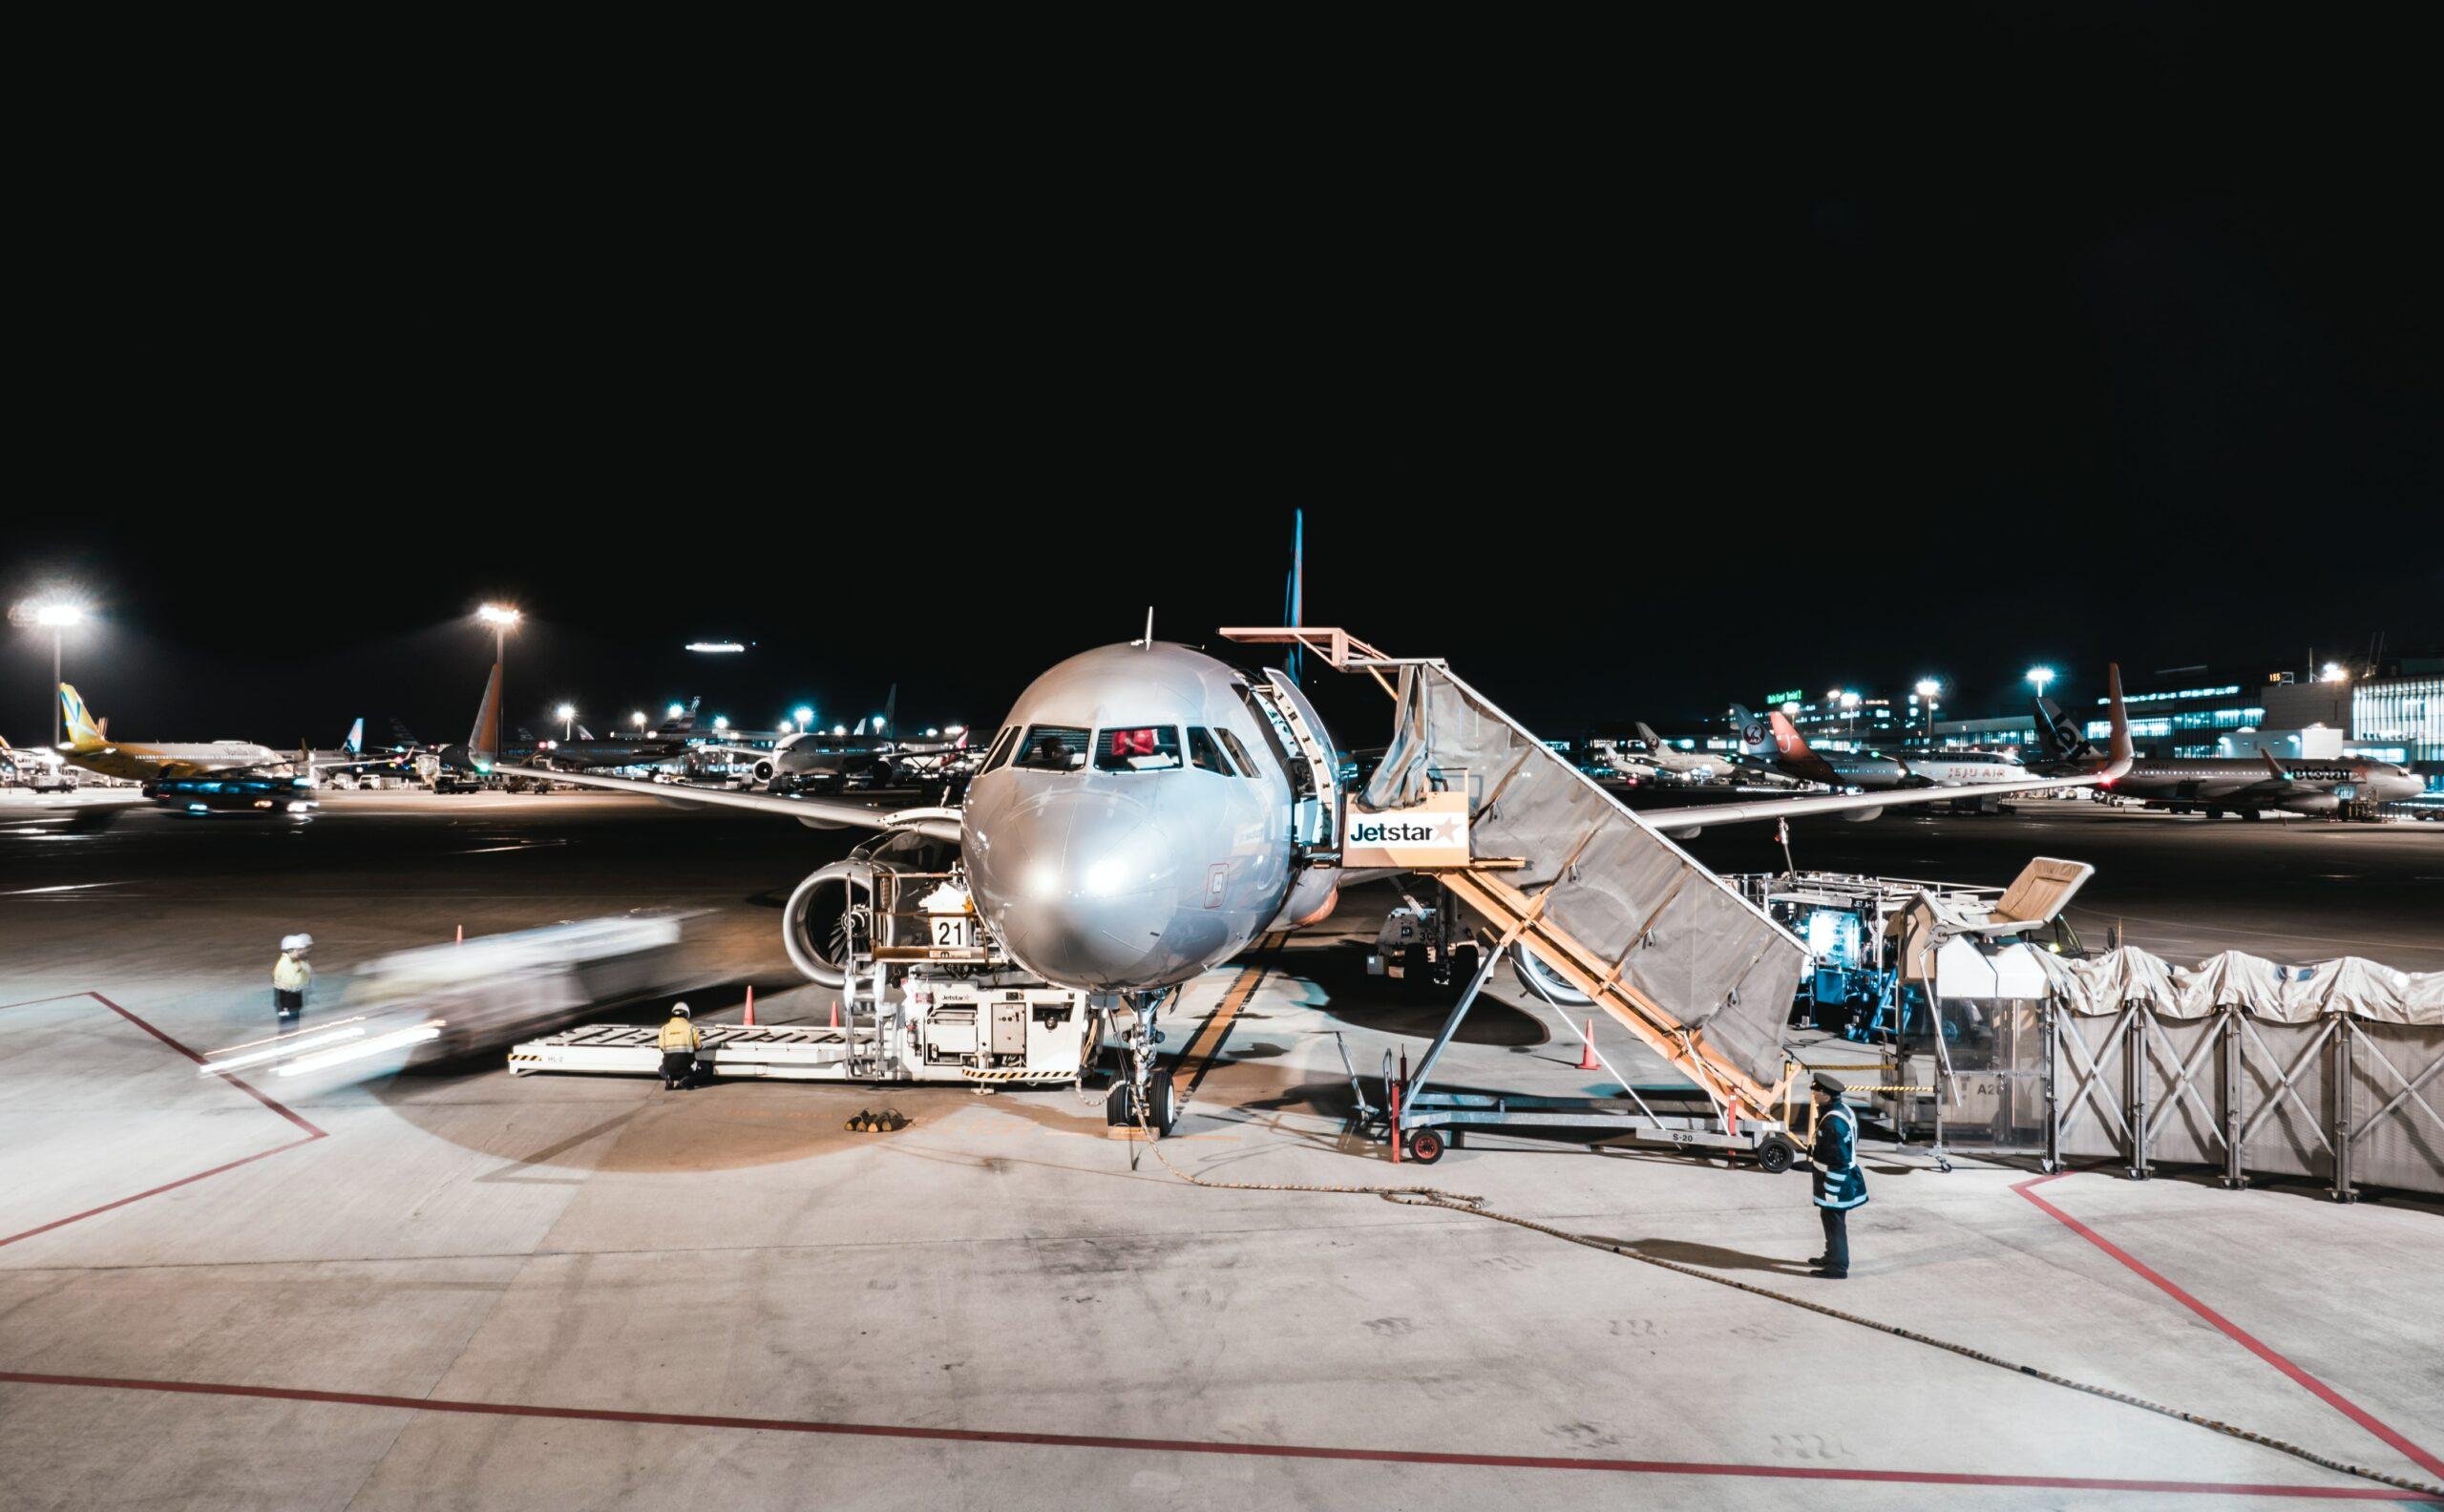 Transport lotniczy ‒ co wolno nadać w paczce, która ma zostać wysłana transportem lotniczym?